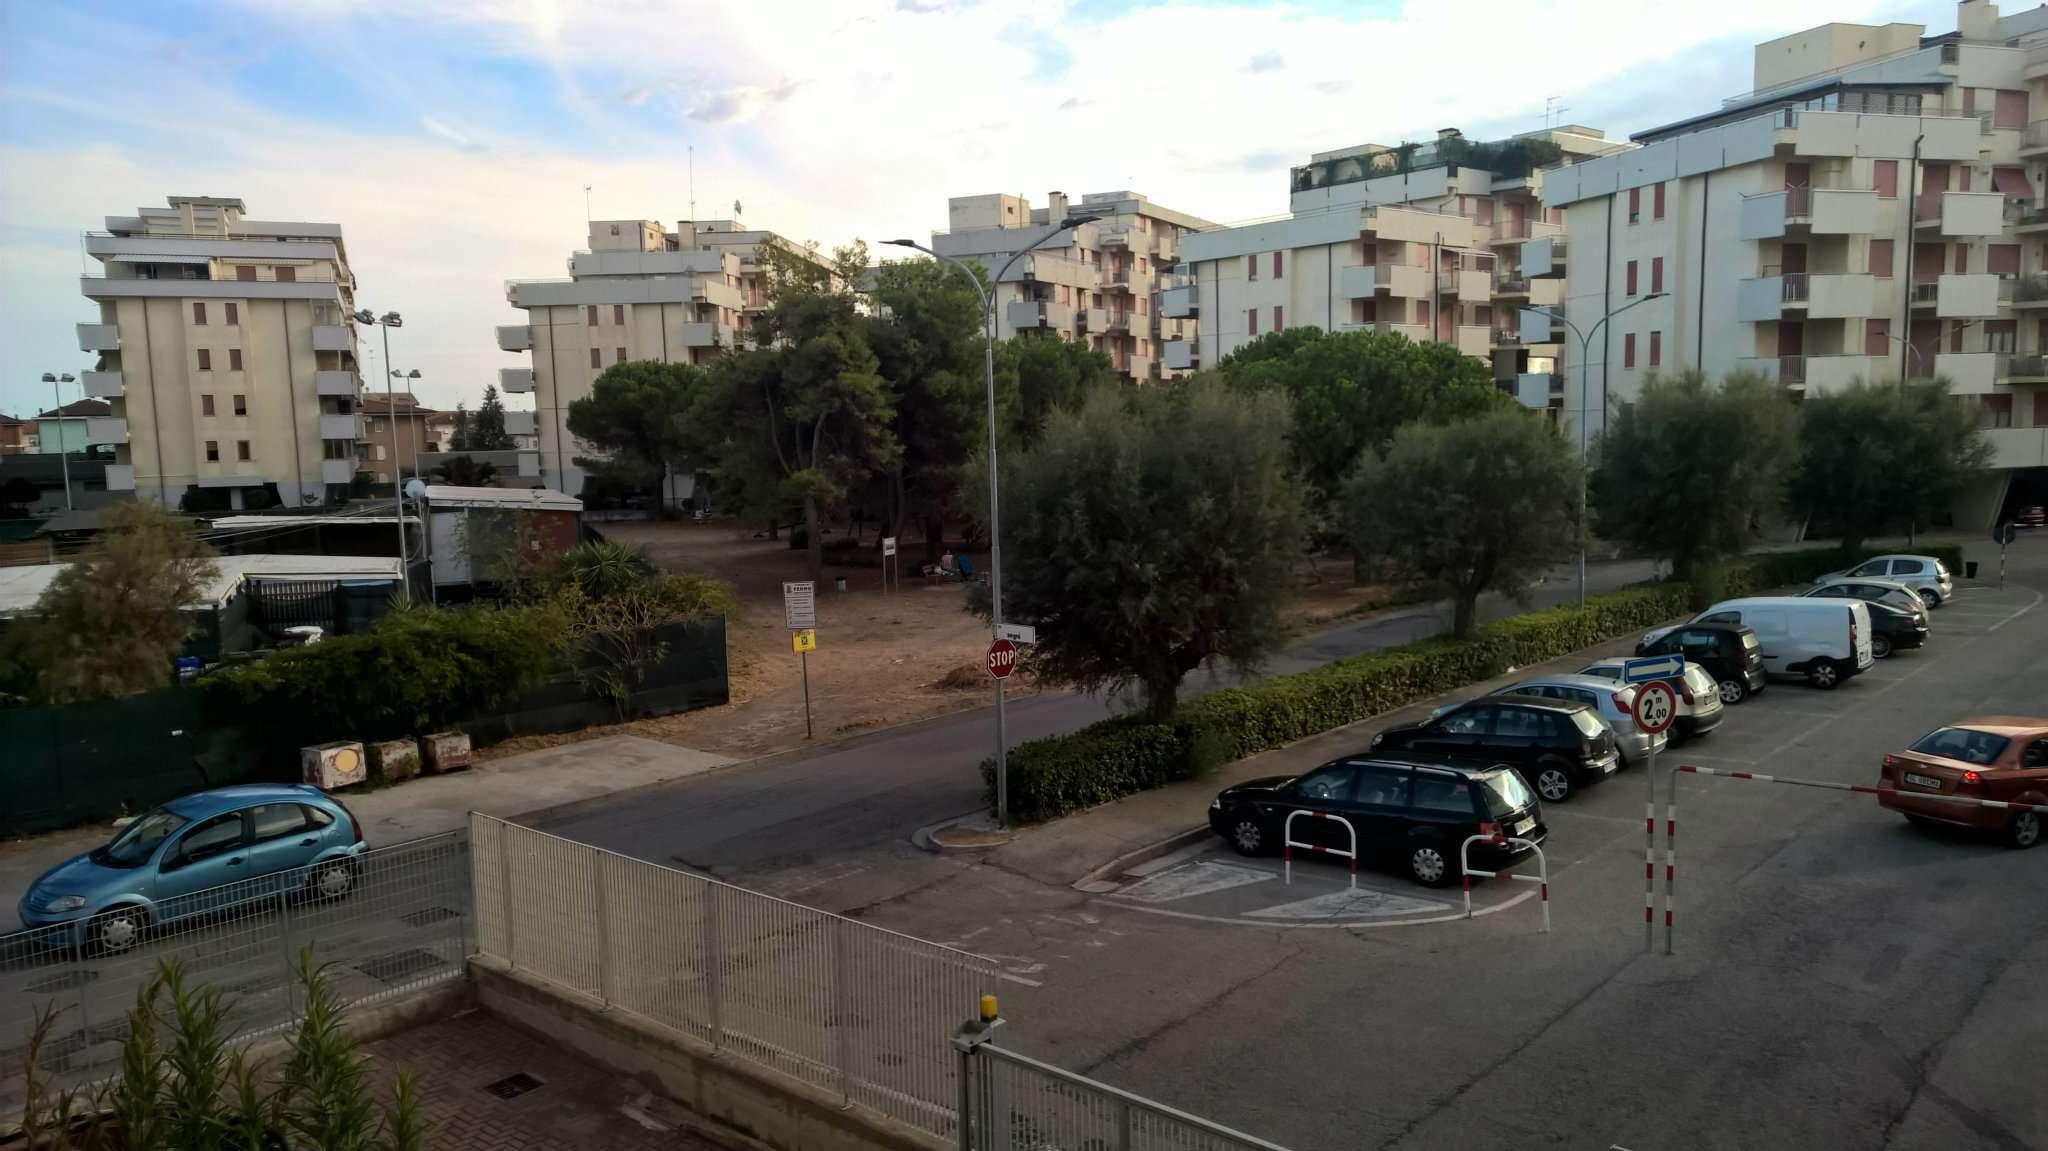 Appartamento in vendita a Fermo, 3 locali, prezzo € 50.000 | CambioCasa.it